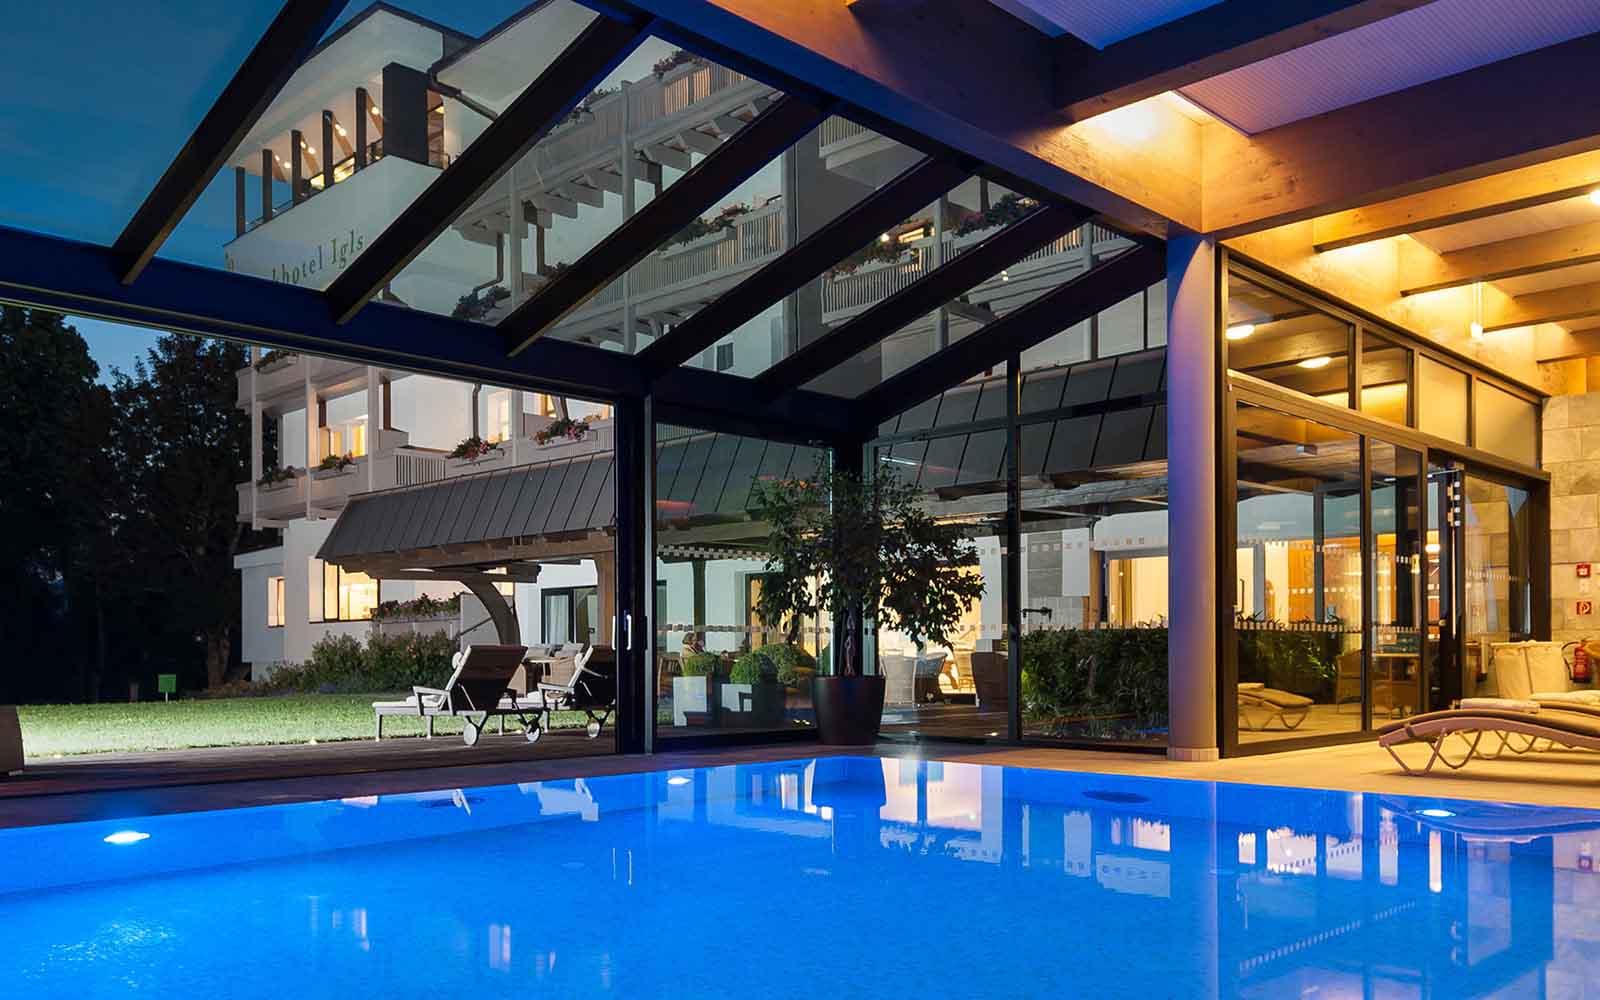 Introduction to Modern Mayr Park Igls Tyrol Austria Hotel Health & Wellbeing